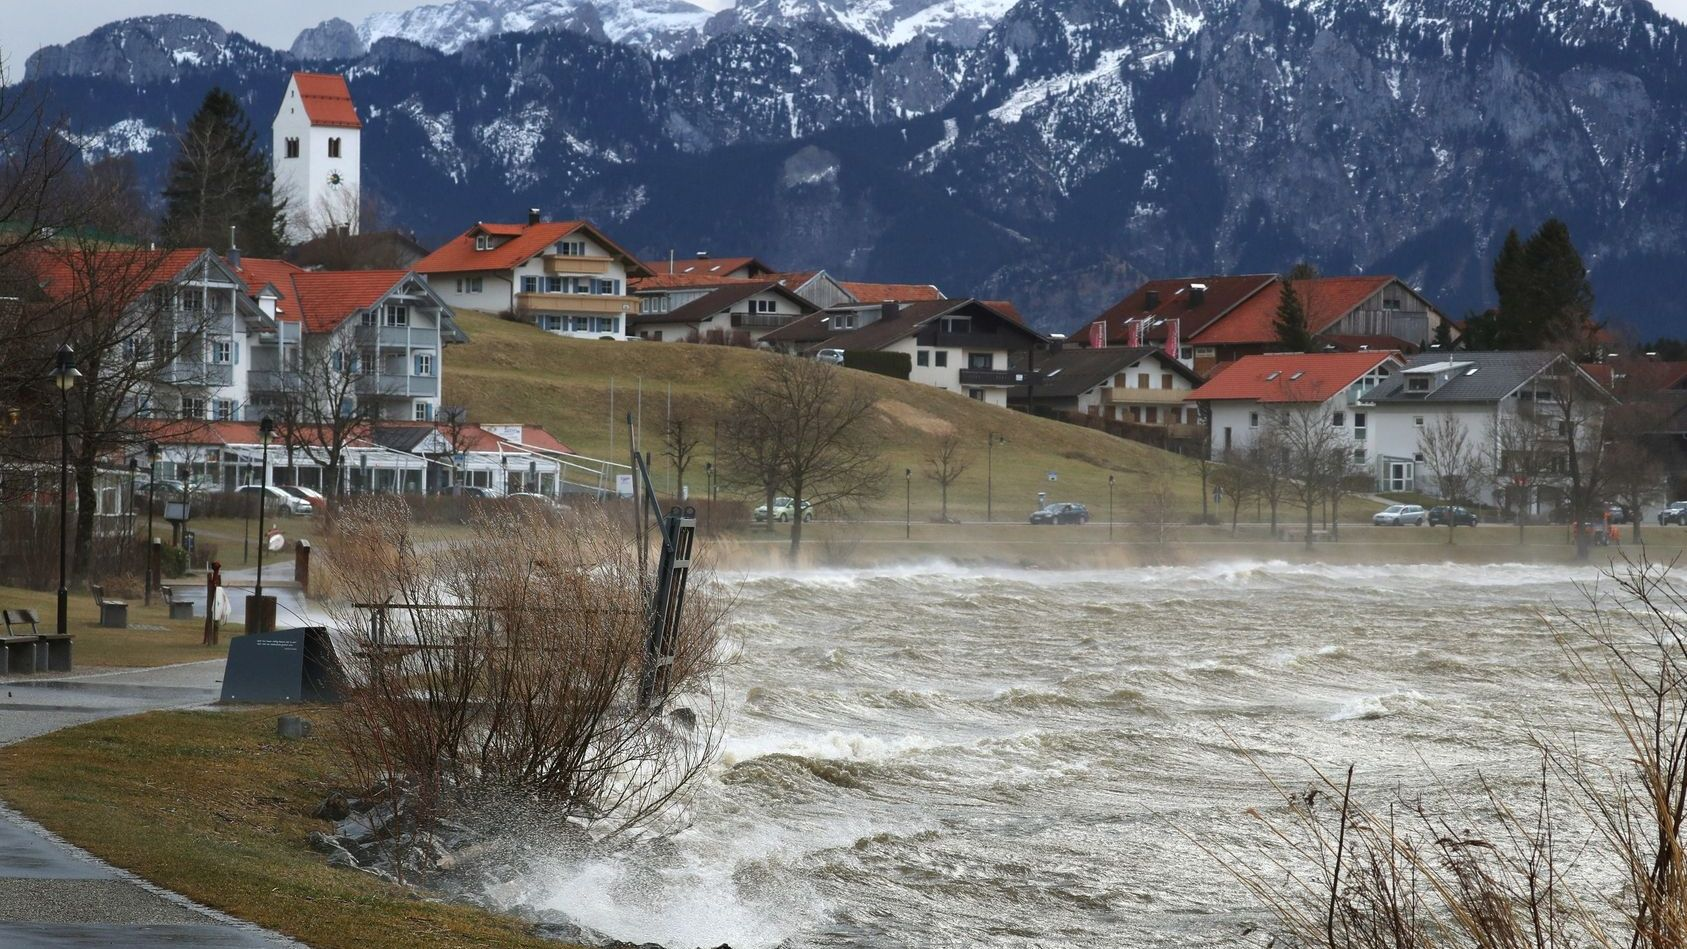 Der vom Sturm aufgewühlte Hopfensee bei Füssen